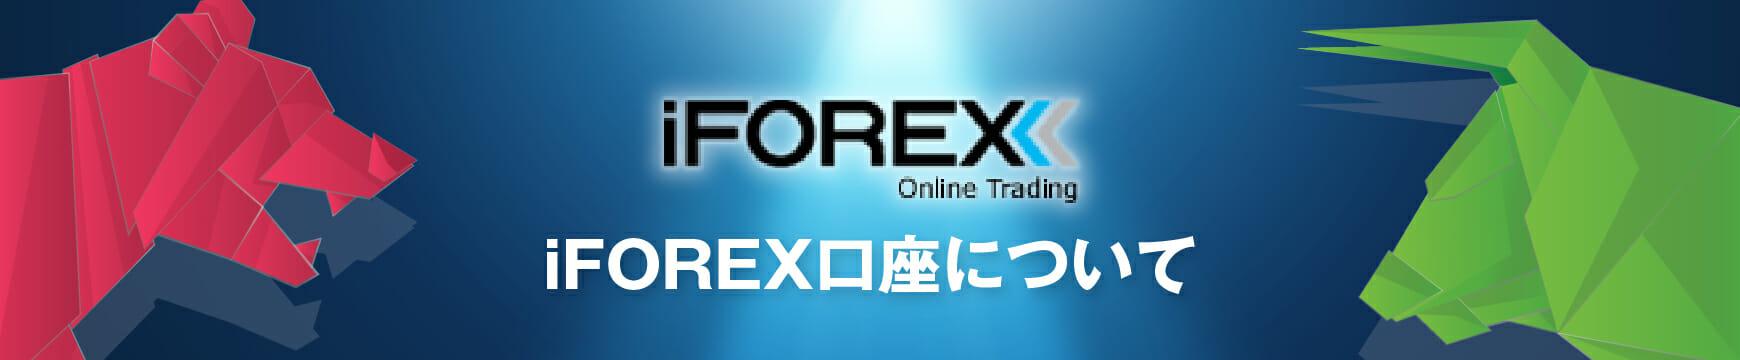 iFOREX(アイフォレックス)の口座開設はありかなしか?日本語で徹底解説!